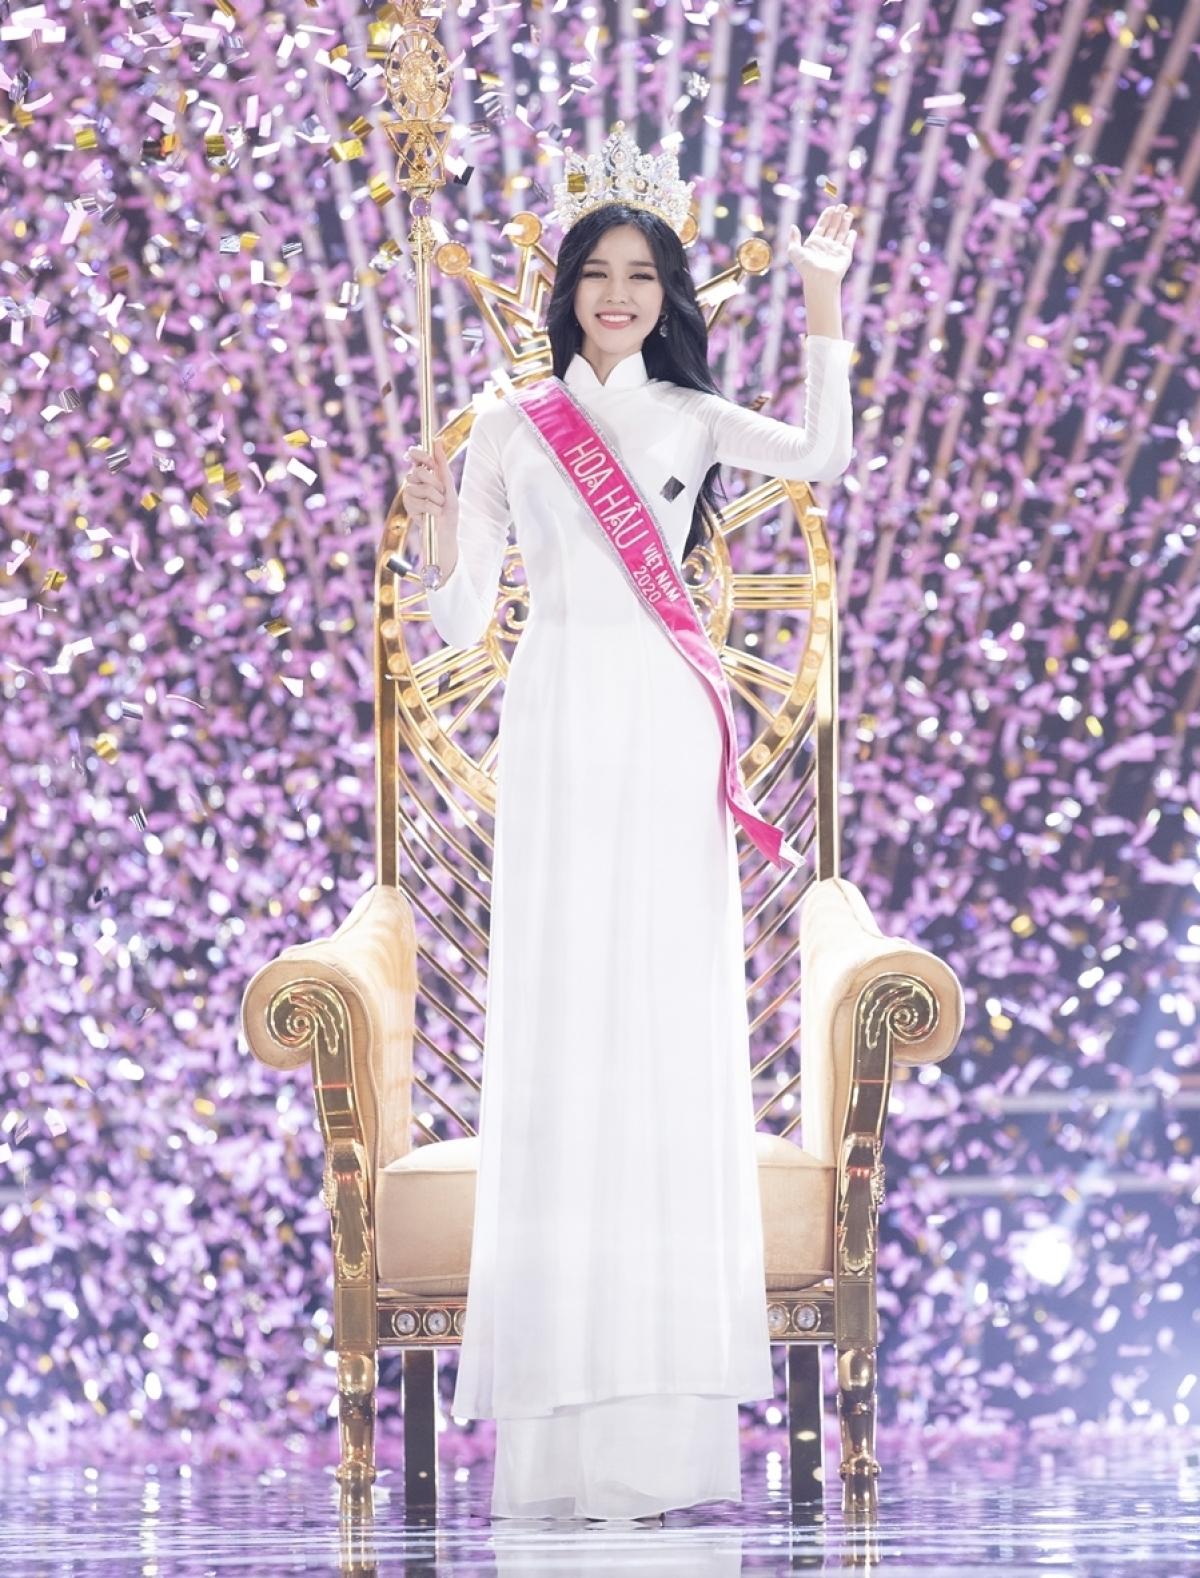 Đêm chung kết Hoa hậu Việt Nam 2020 khép lại với chiến thắng thuộc về thí sinh Đỗ Thị Hà, đến từ Thanh Hóa.